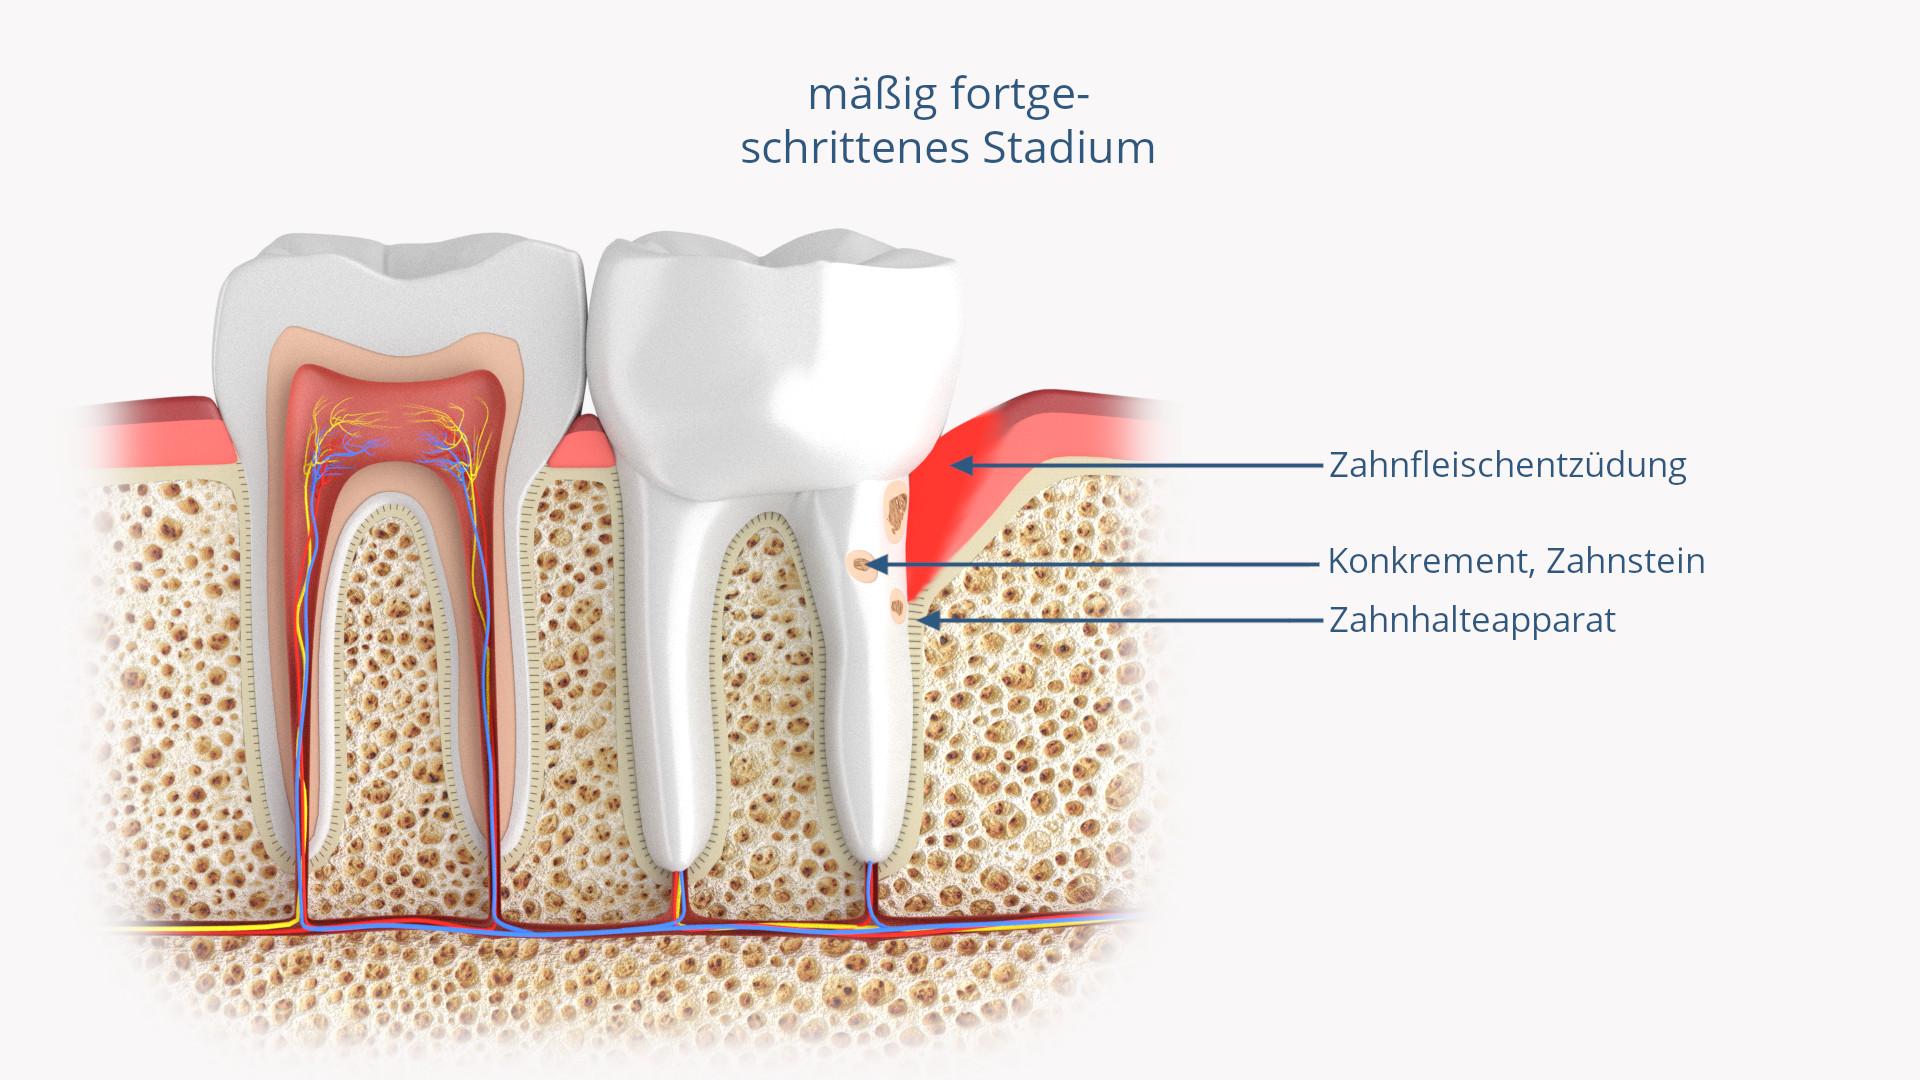 Keramik-Implantate